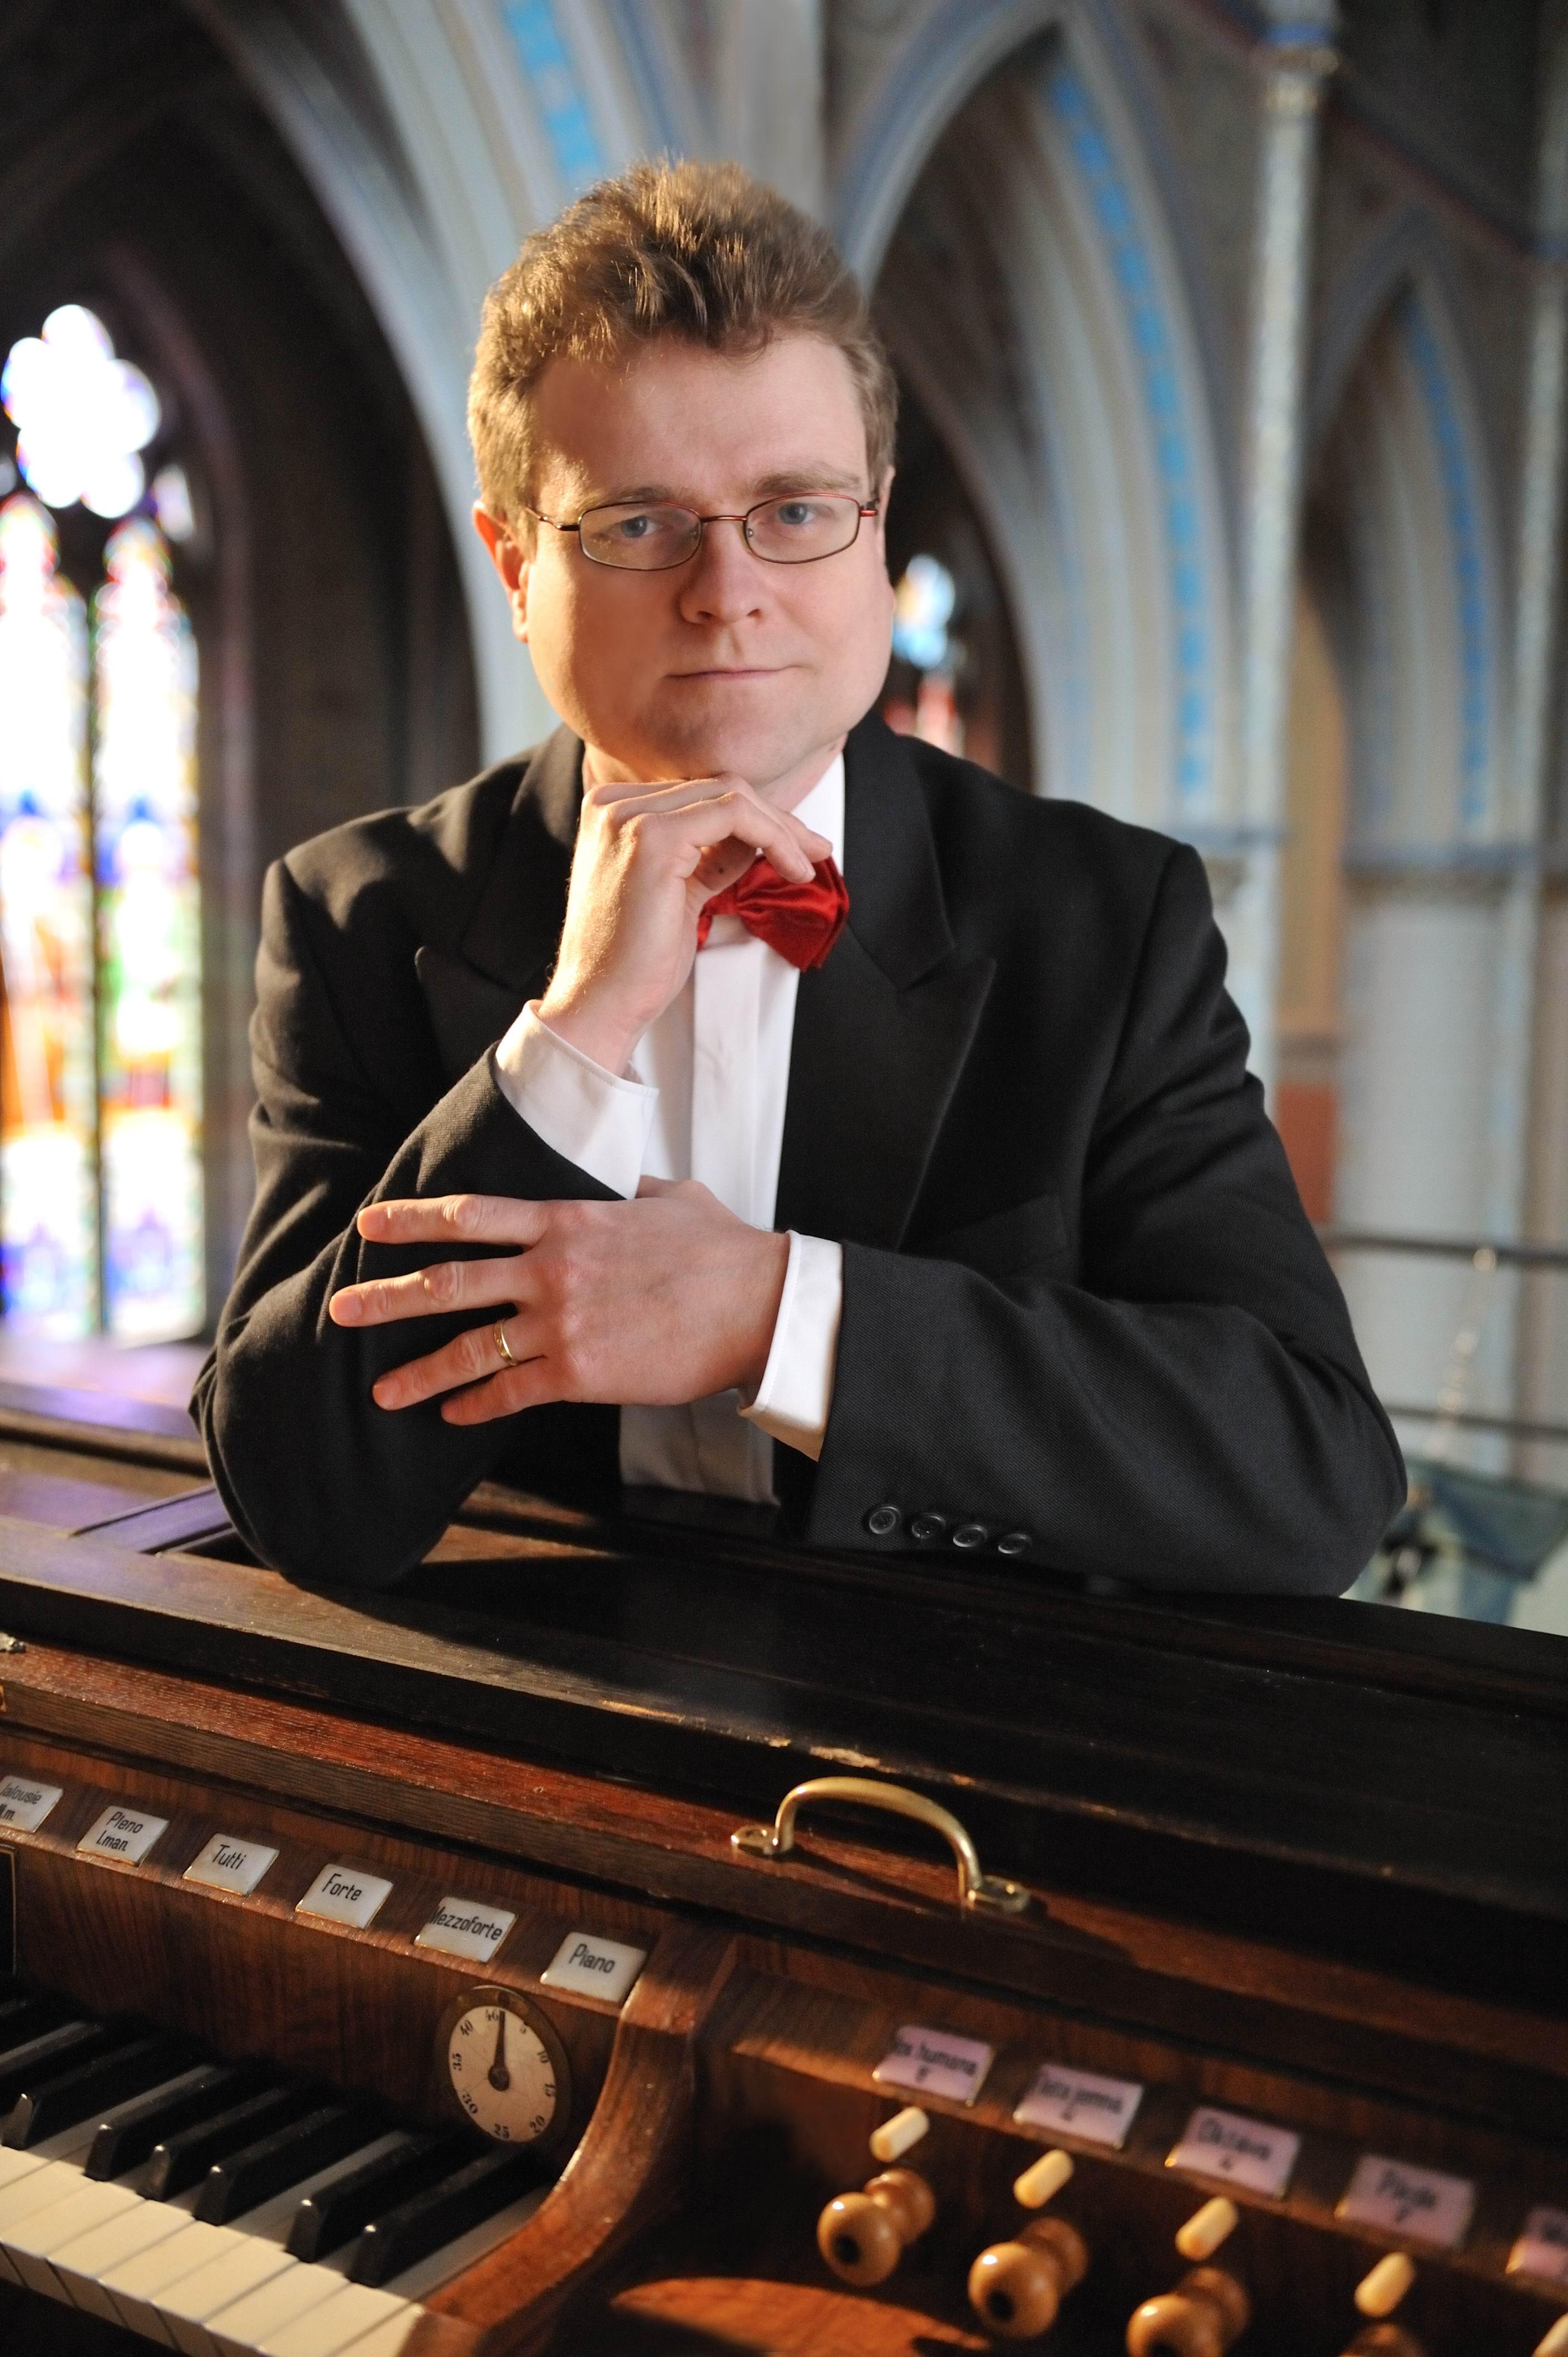 Afbeeldingsresultaat voor pavel cerny organist